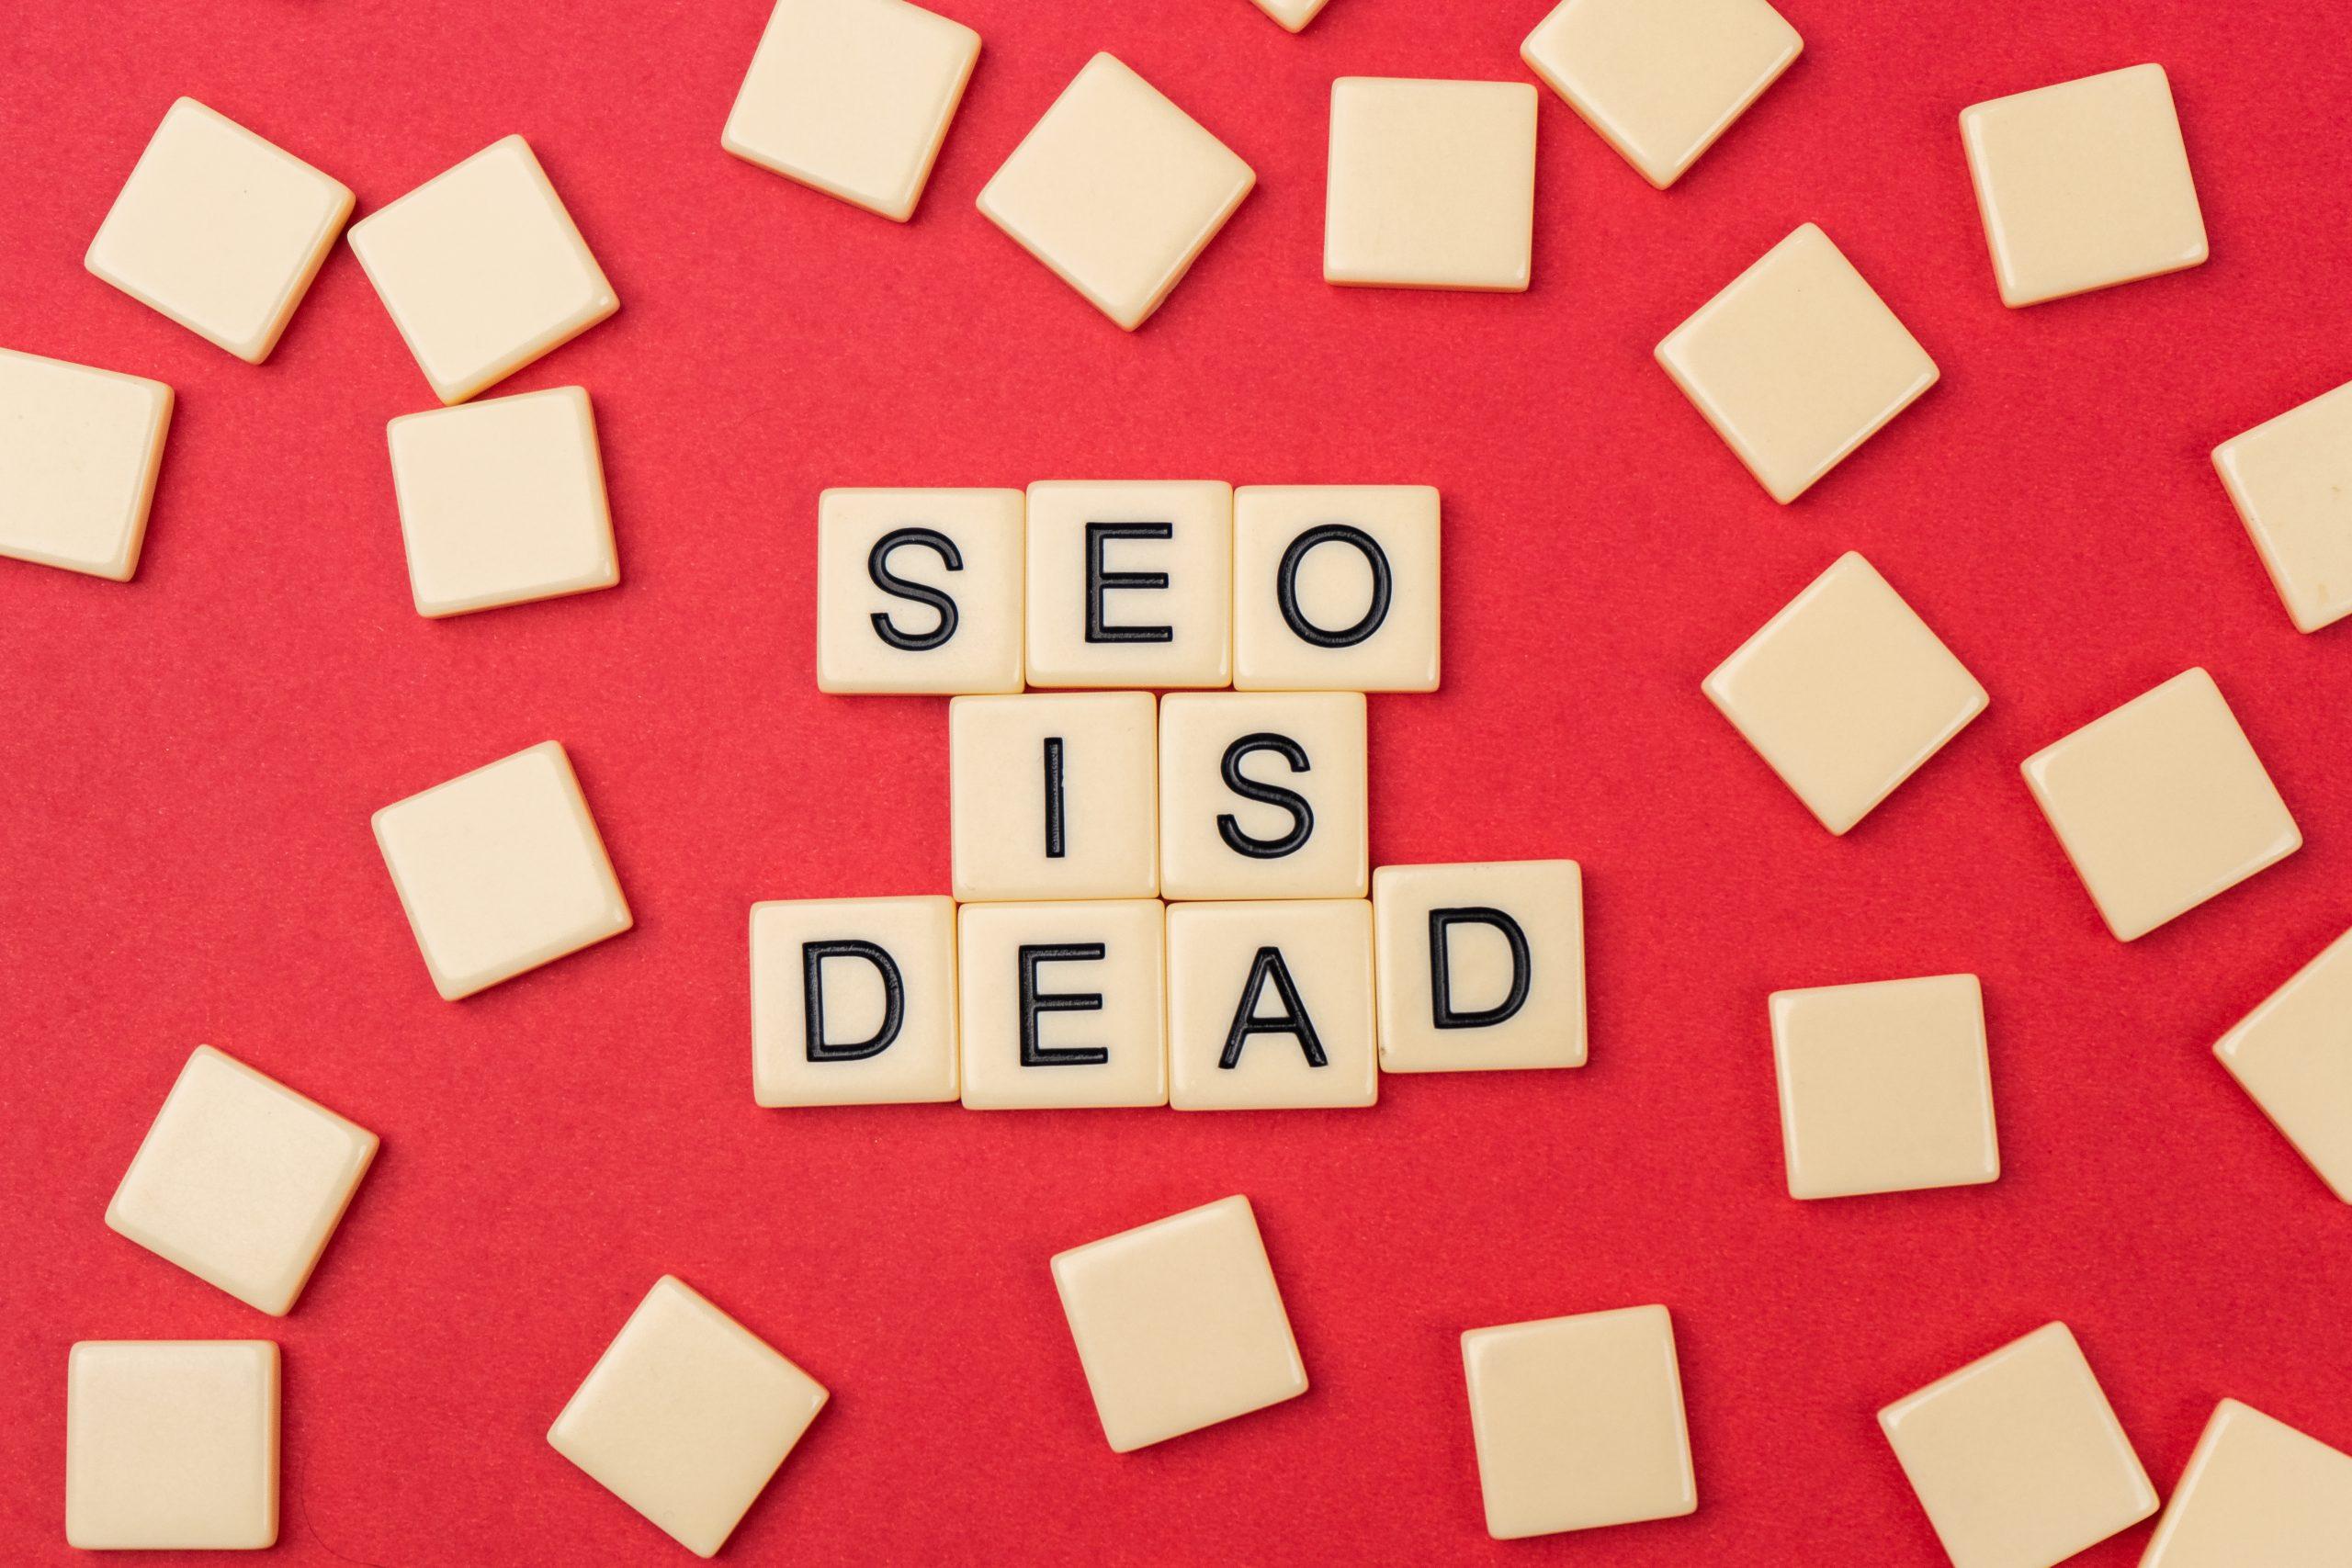 SEO is dead written on scrabble